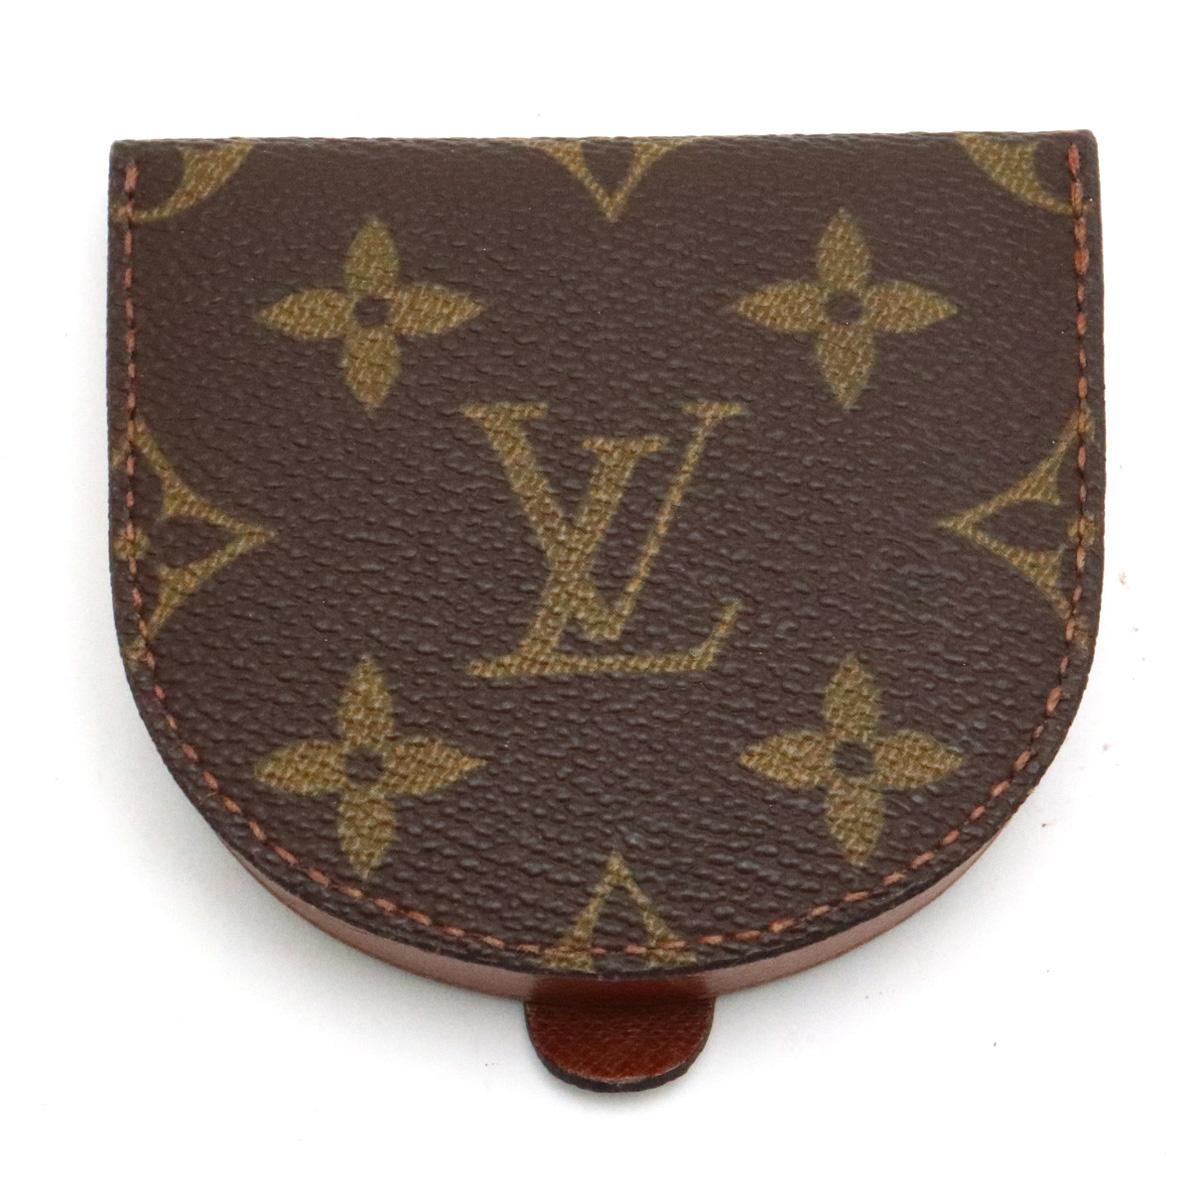 【財布】LOUIS VUITTON ルイ ヴィトン モノグラム ポルトモネ キュベット コインケース M61960 【中古】